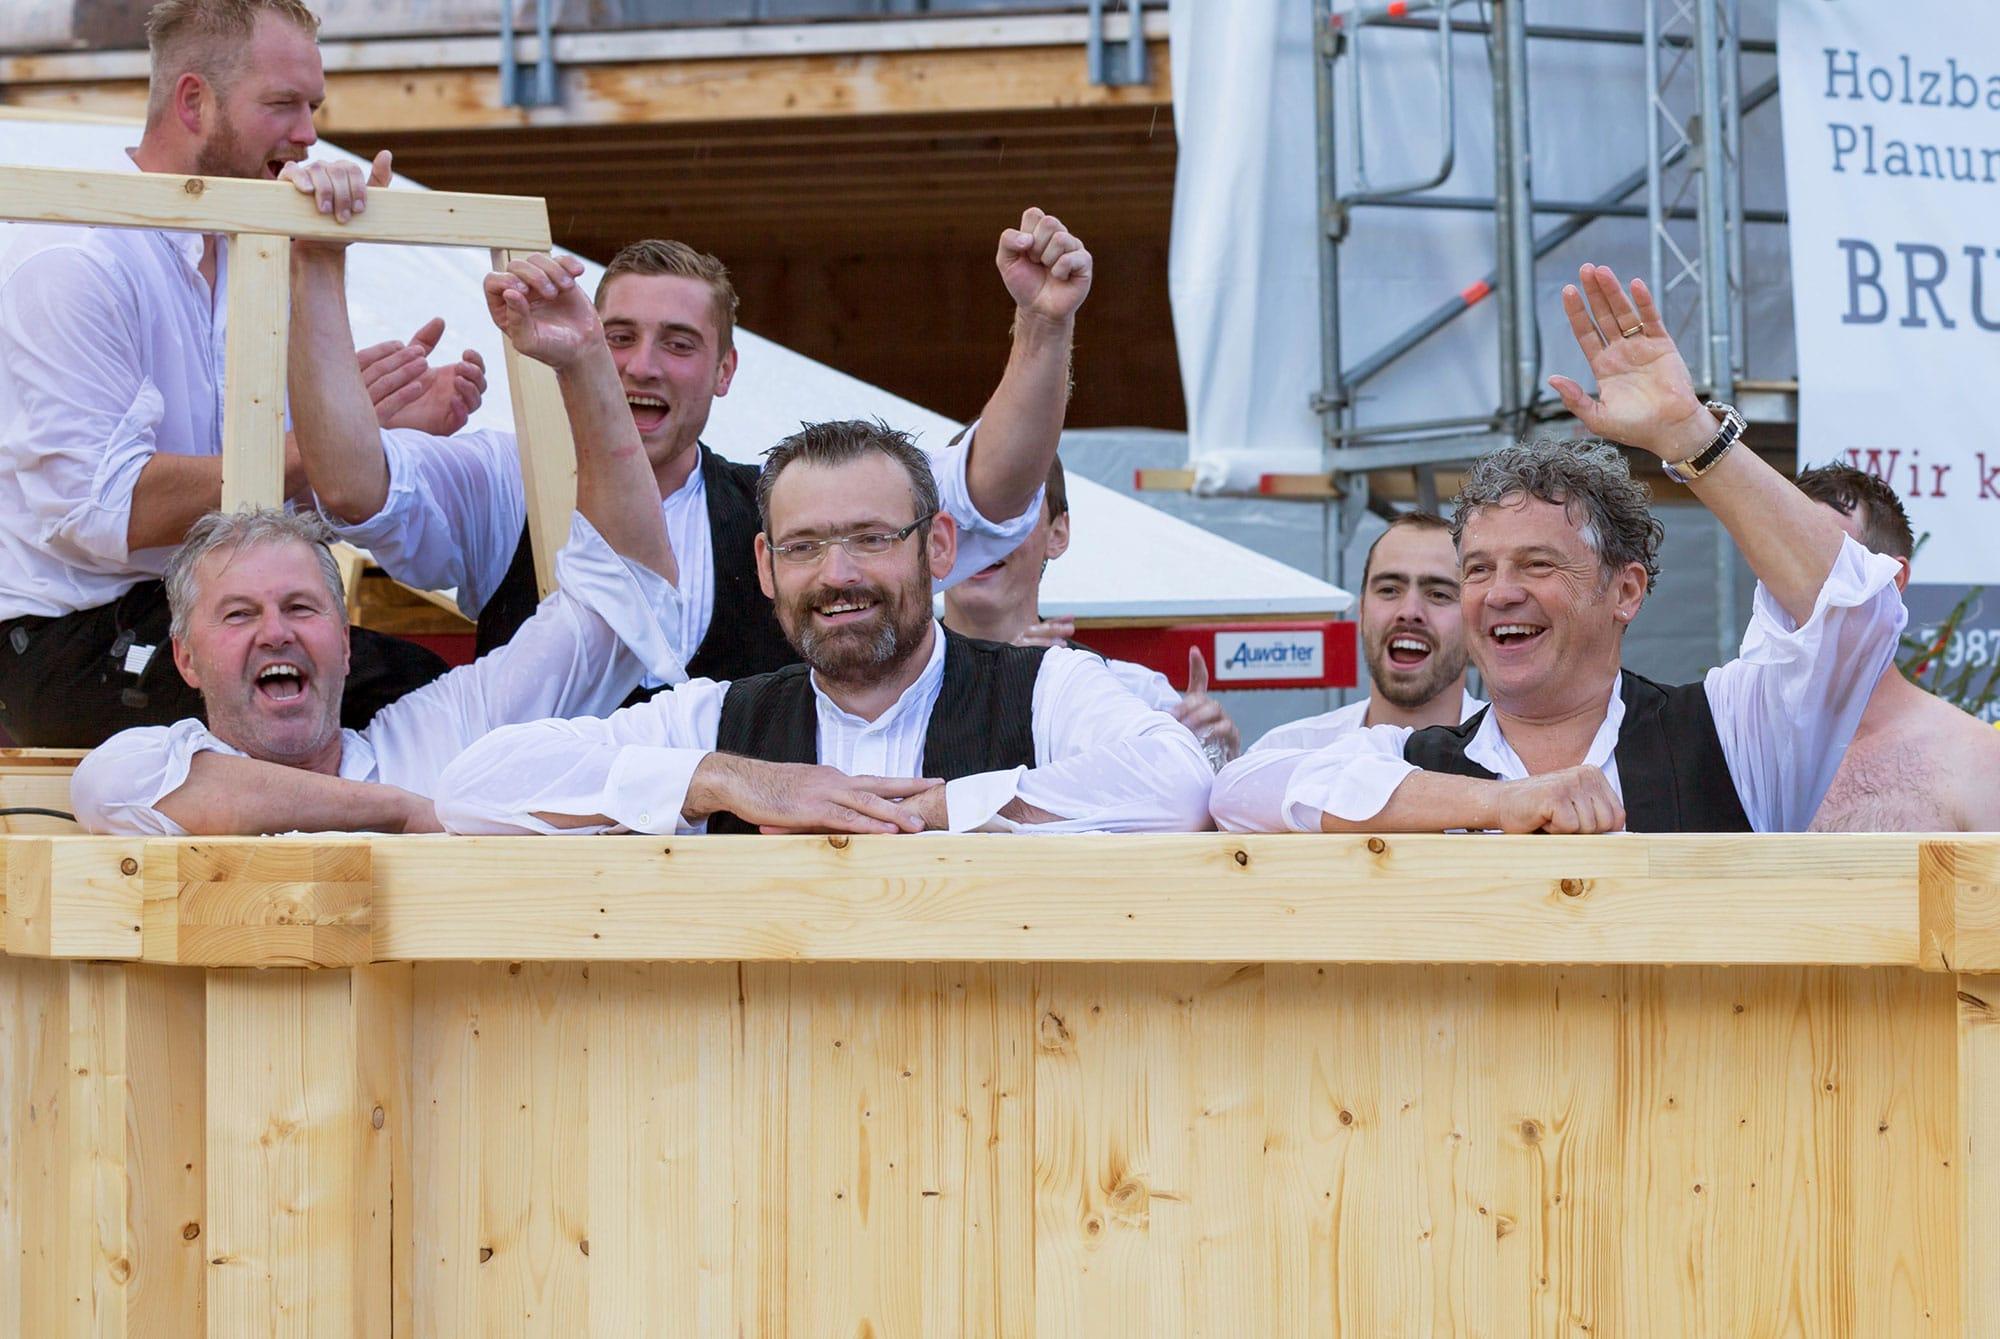 Holzbau Bruno Kaiser - wir bieten